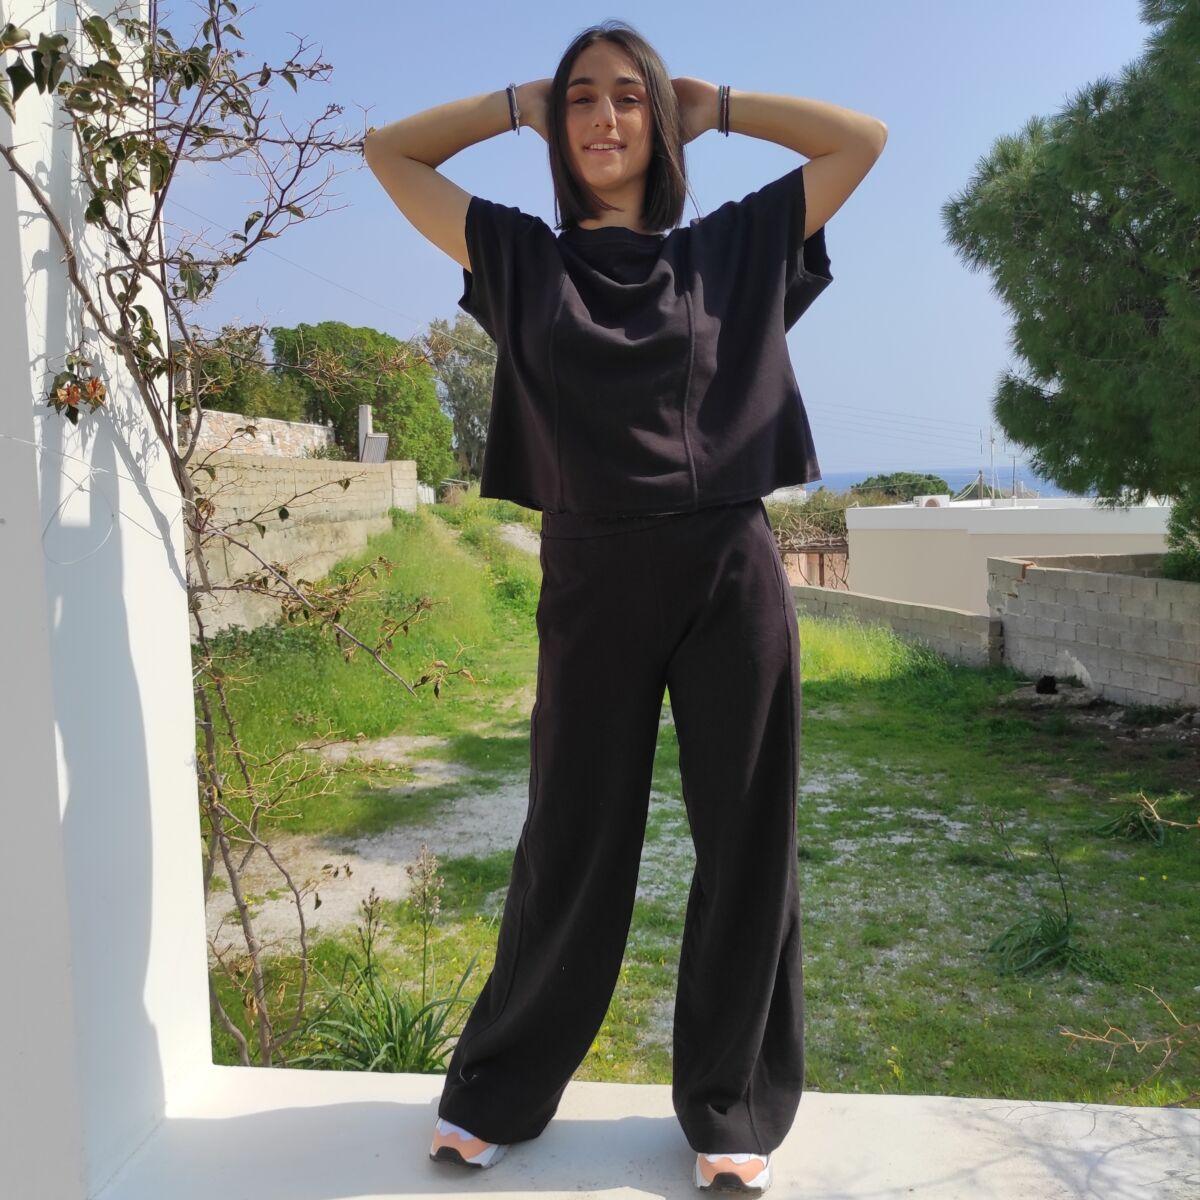 Φόρμα μαύρη Ρούχα Ρούχα αξεσουάρ